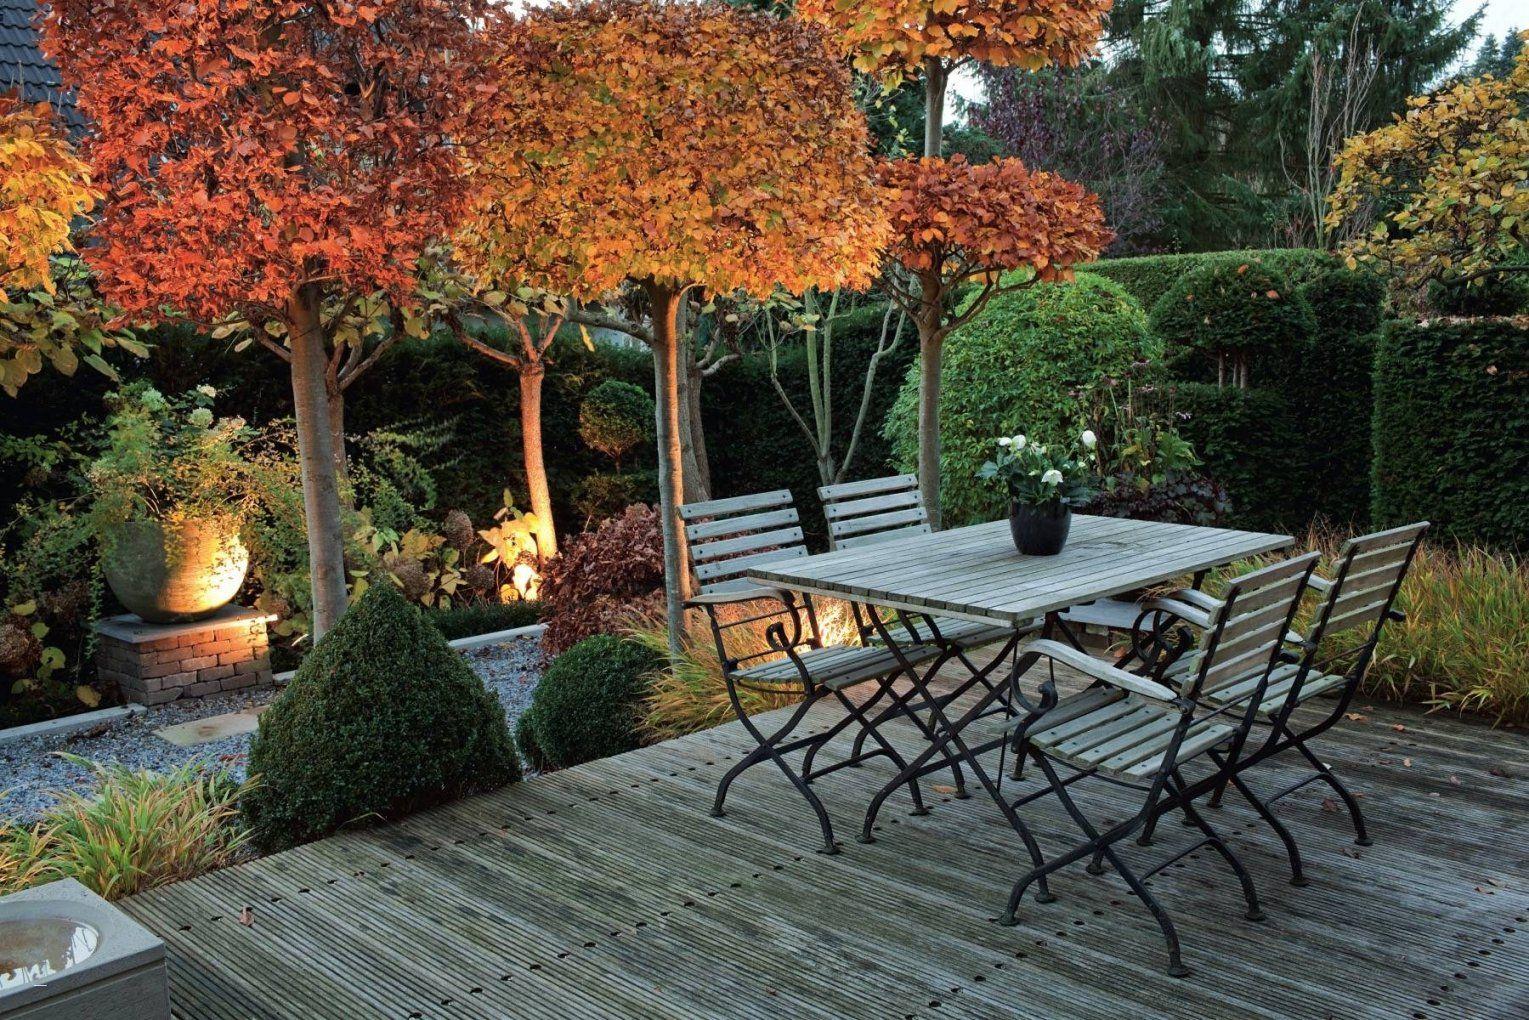 Gartengestaltung Großer Garten Genial Erstaunlich Bilder von Gartengestaltung Bilder Kleiner Garten Bild